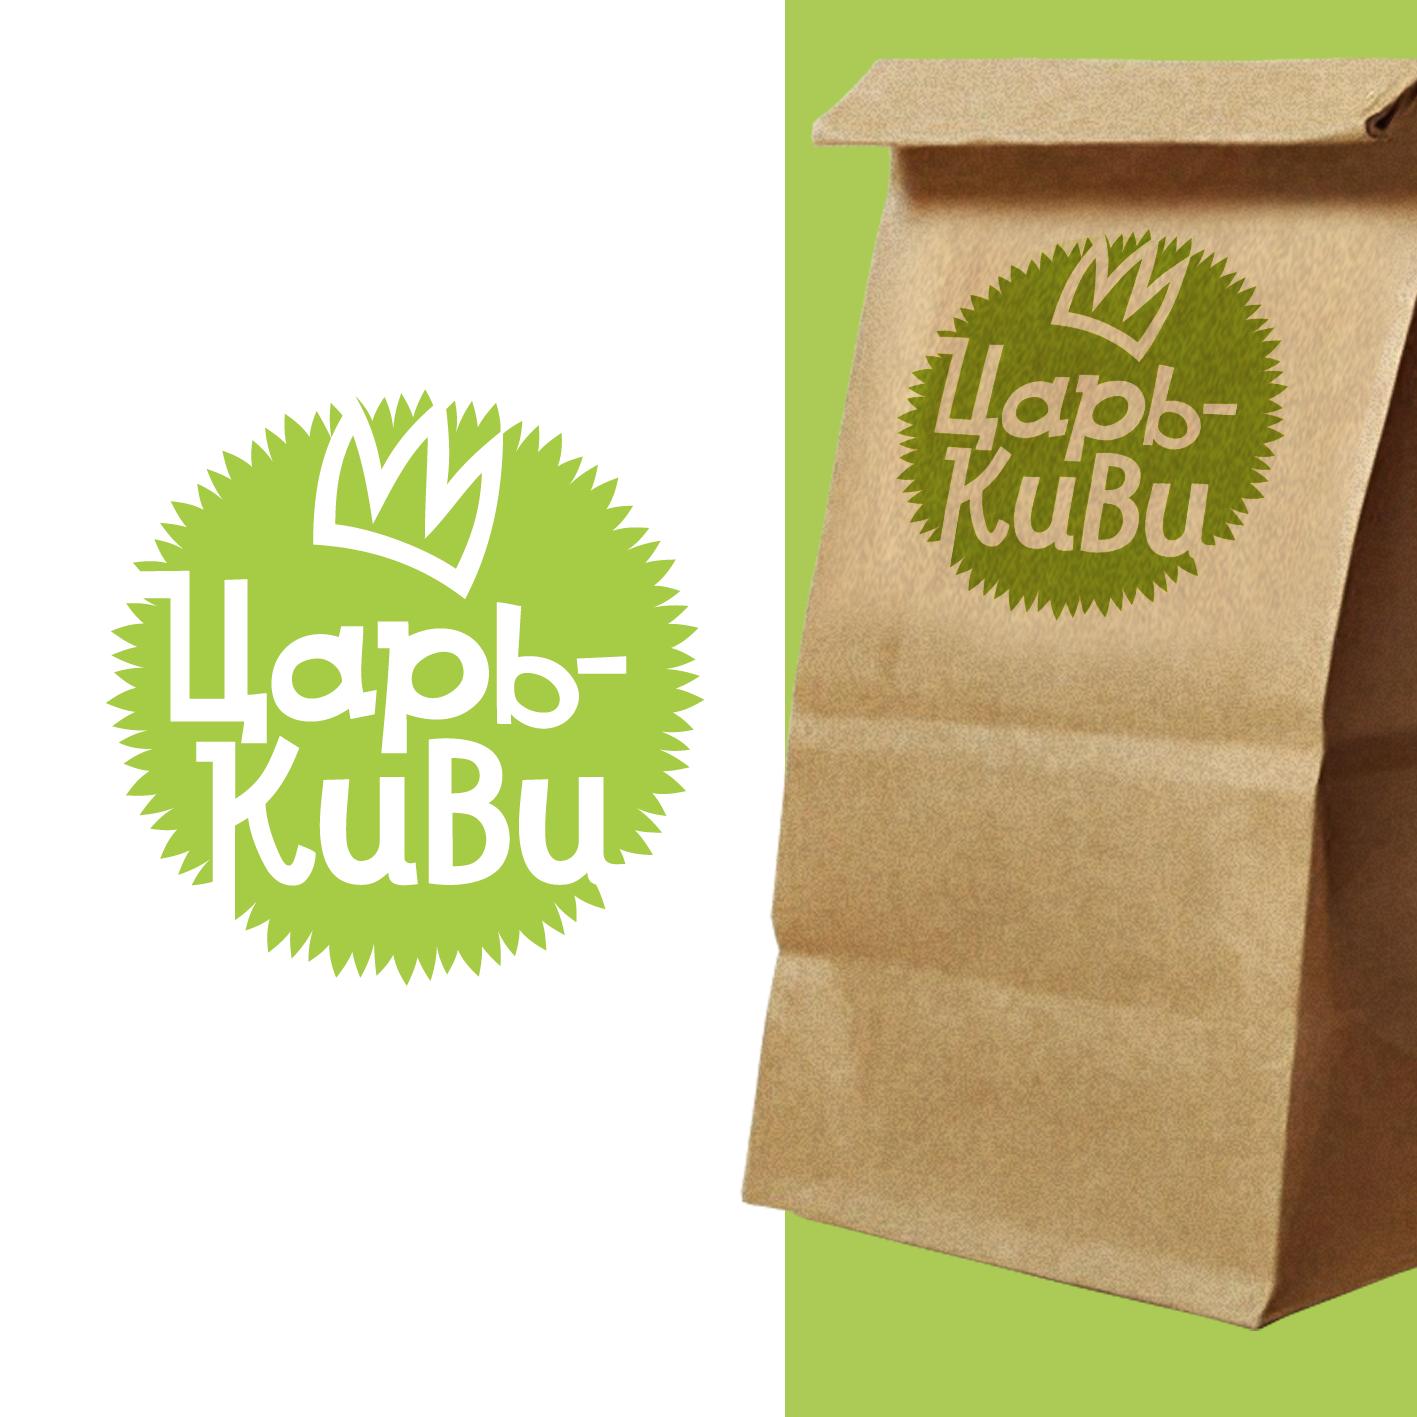 """Доработать дизайн логотипа кафе-кондитерской """"Царь-Киви"""" фото f_5315a0564ed0dc9b.png"""